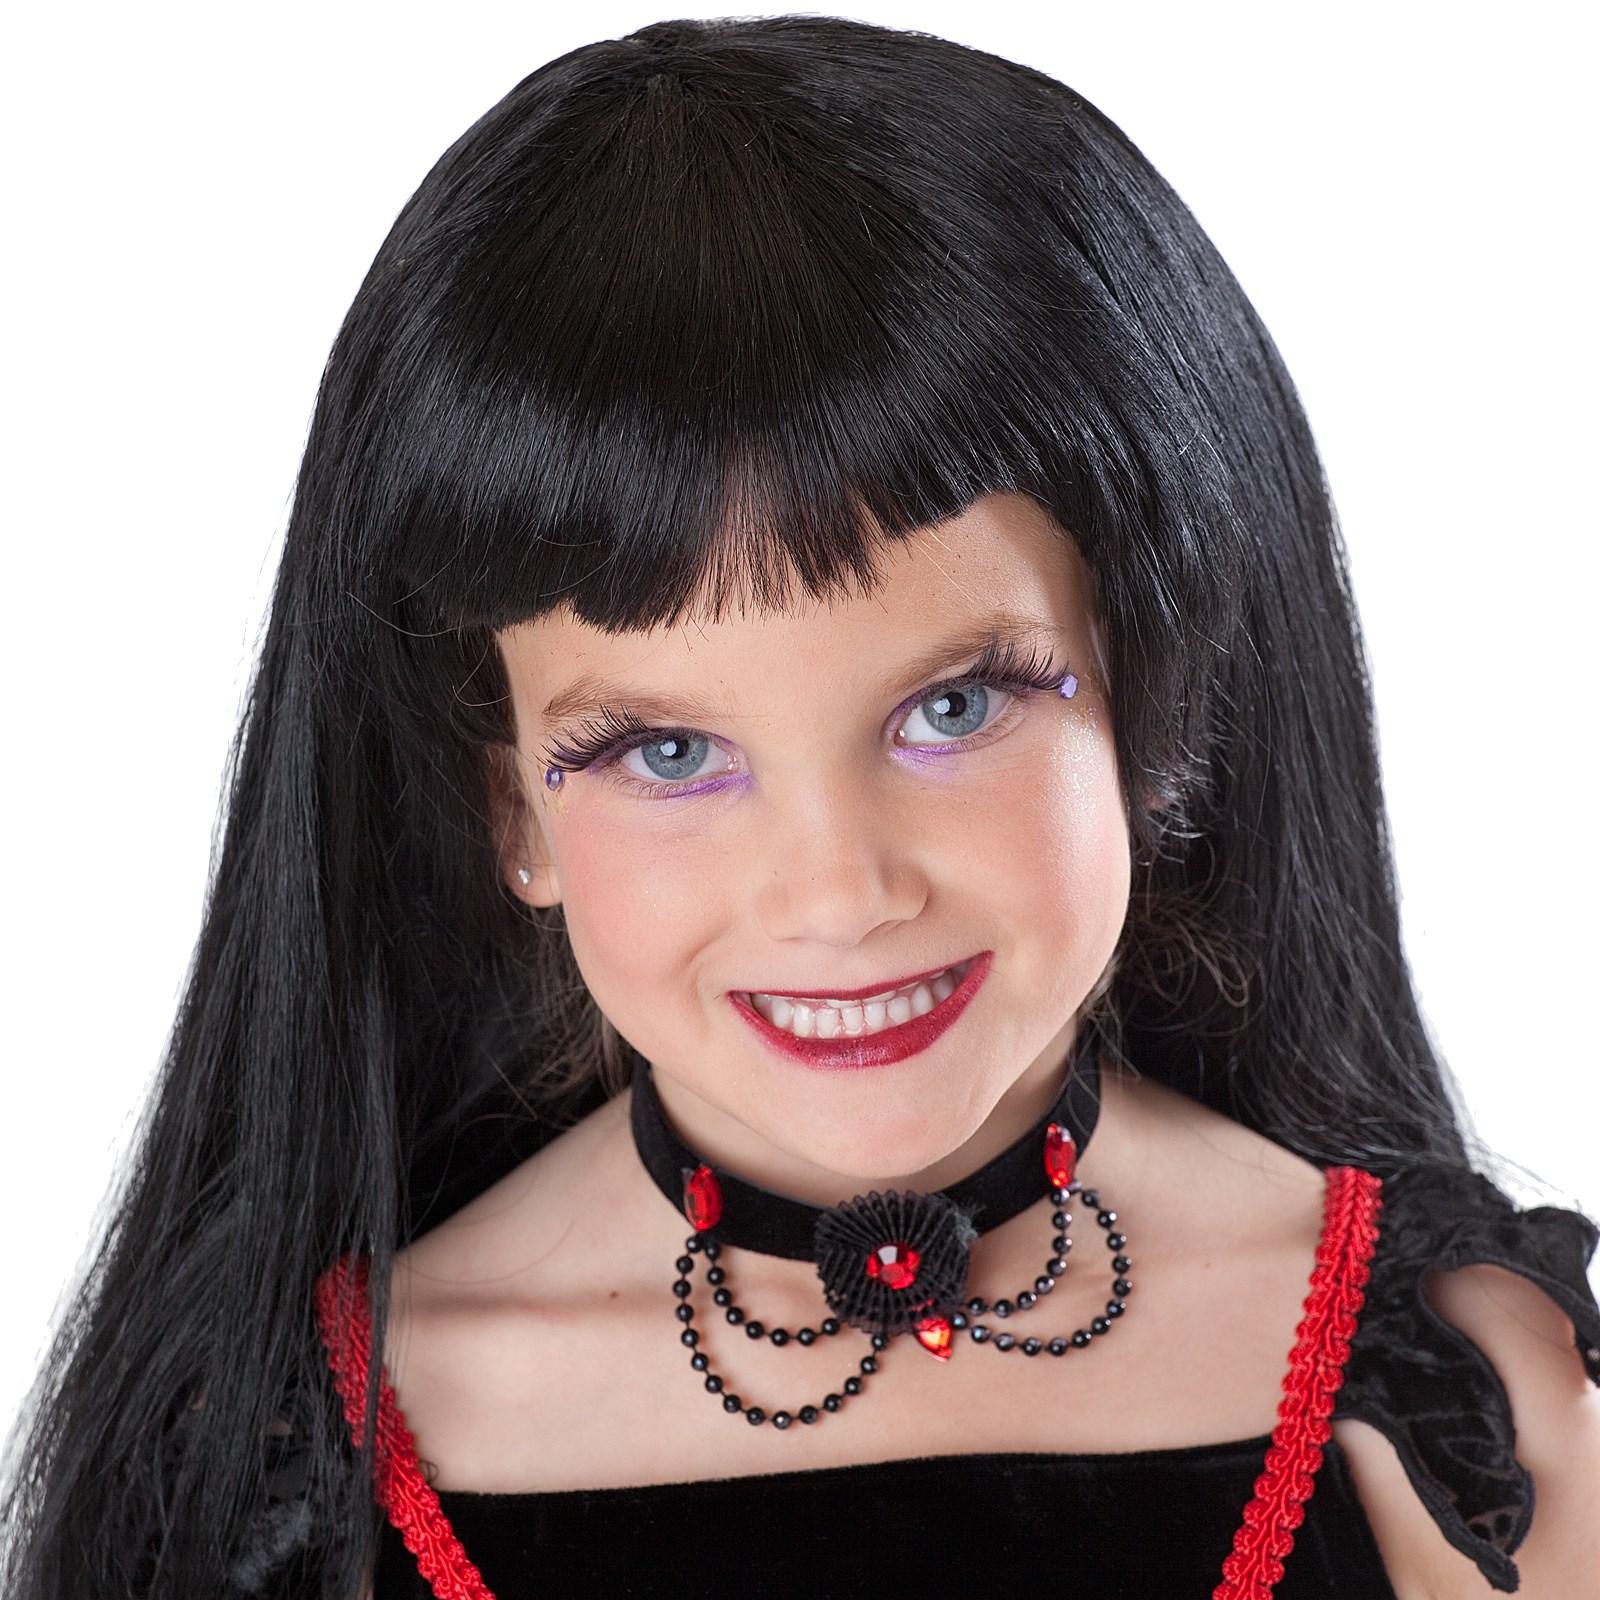 Vampire Choker Child